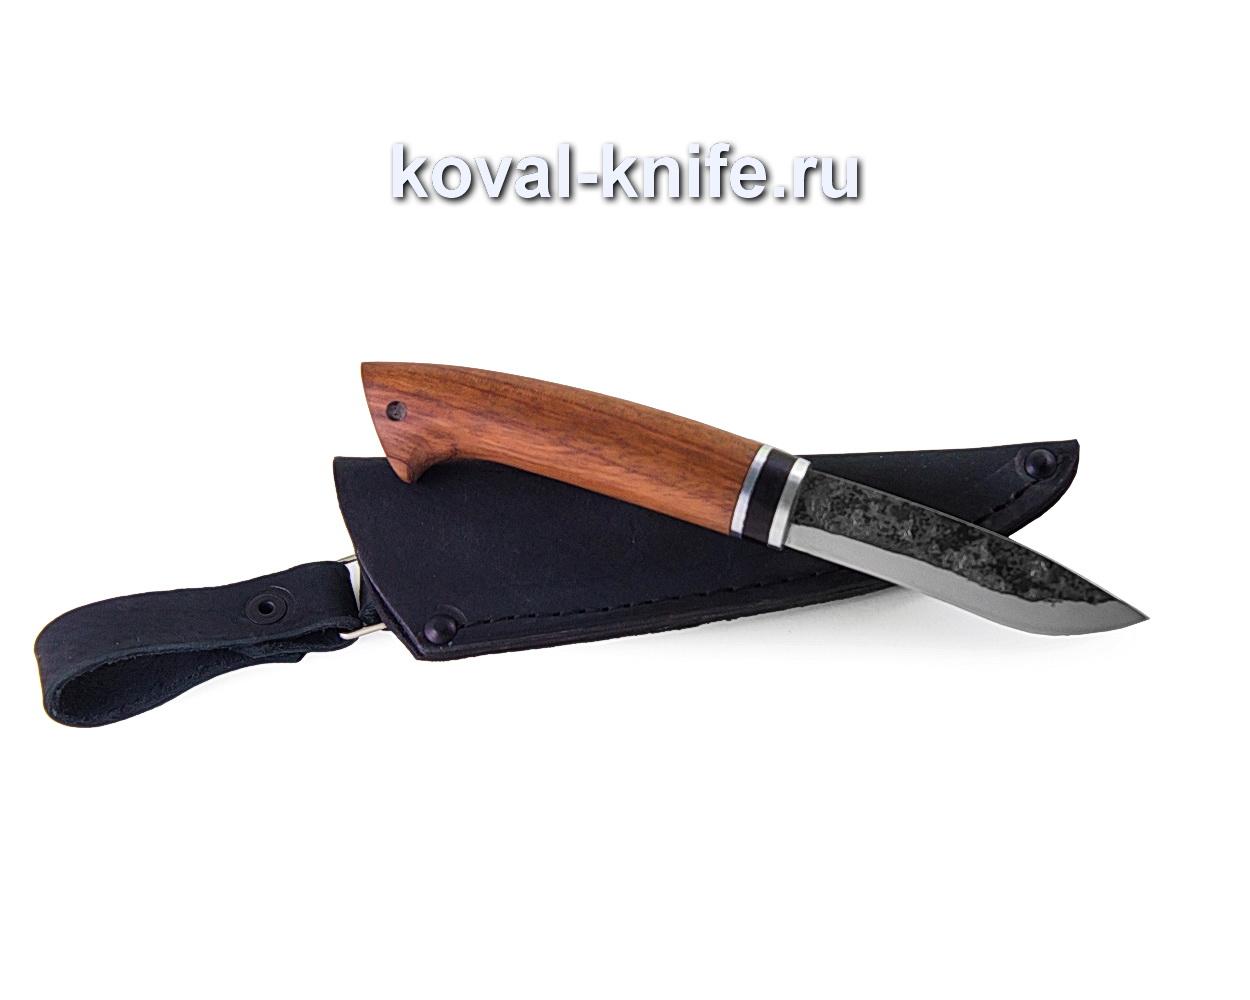 Нож Грибник из кованой стали 9хс (рукоять бубинга) A366